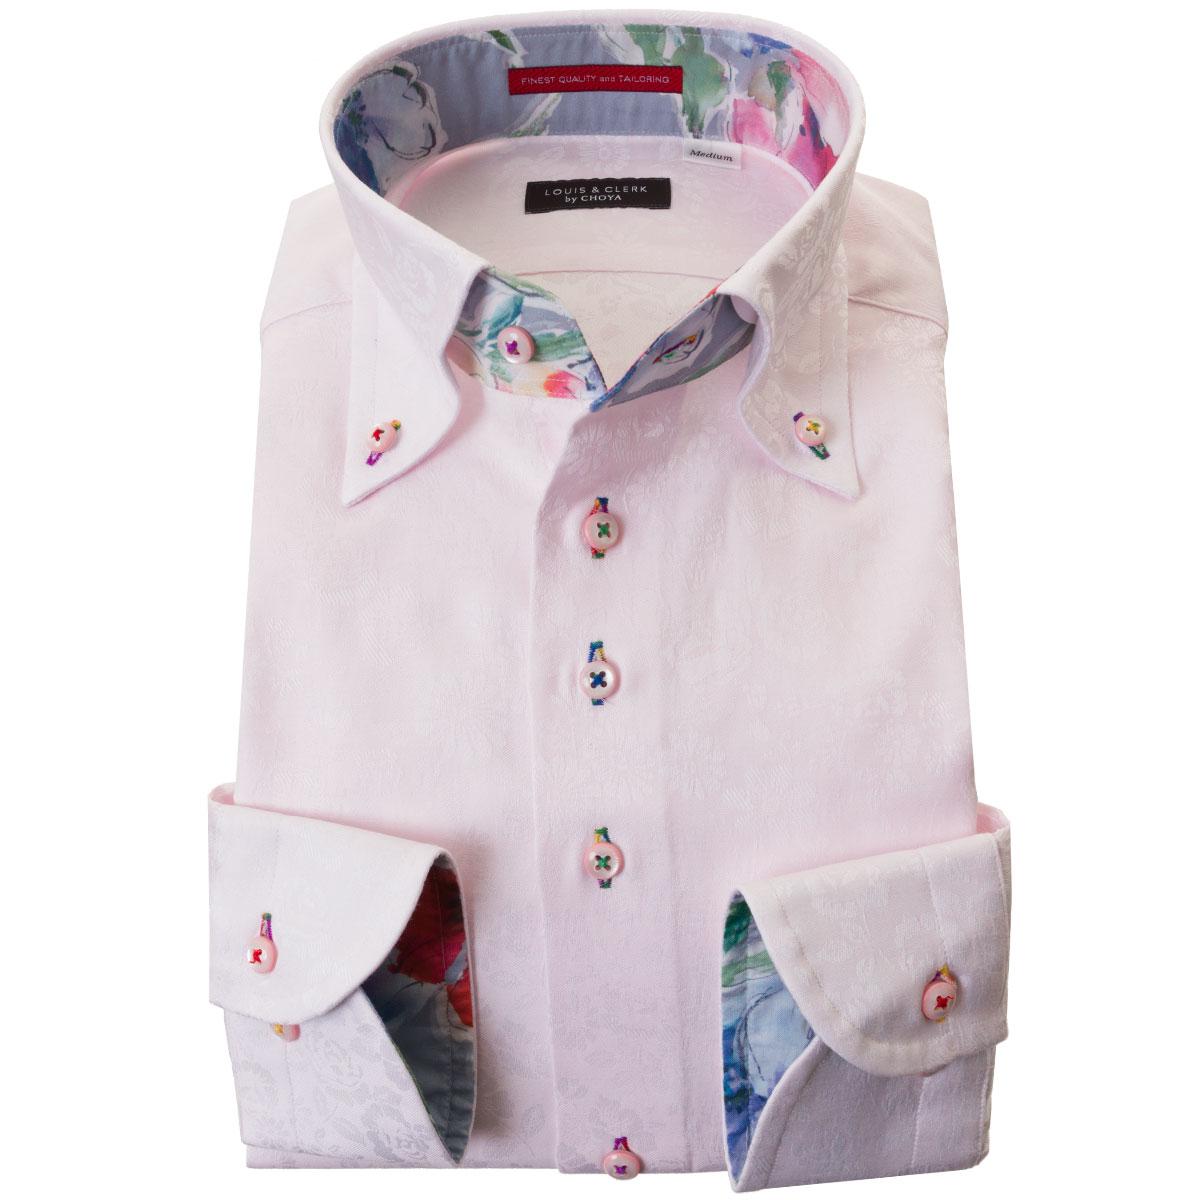 ドレスシャツ ワイシャツ シャツ メンズ 国産 長袖 綿100% コンフォート ボタンダウン ライトピンク ジャガード織 花柄 花壇 フラワーガーデン 胸ポケット無